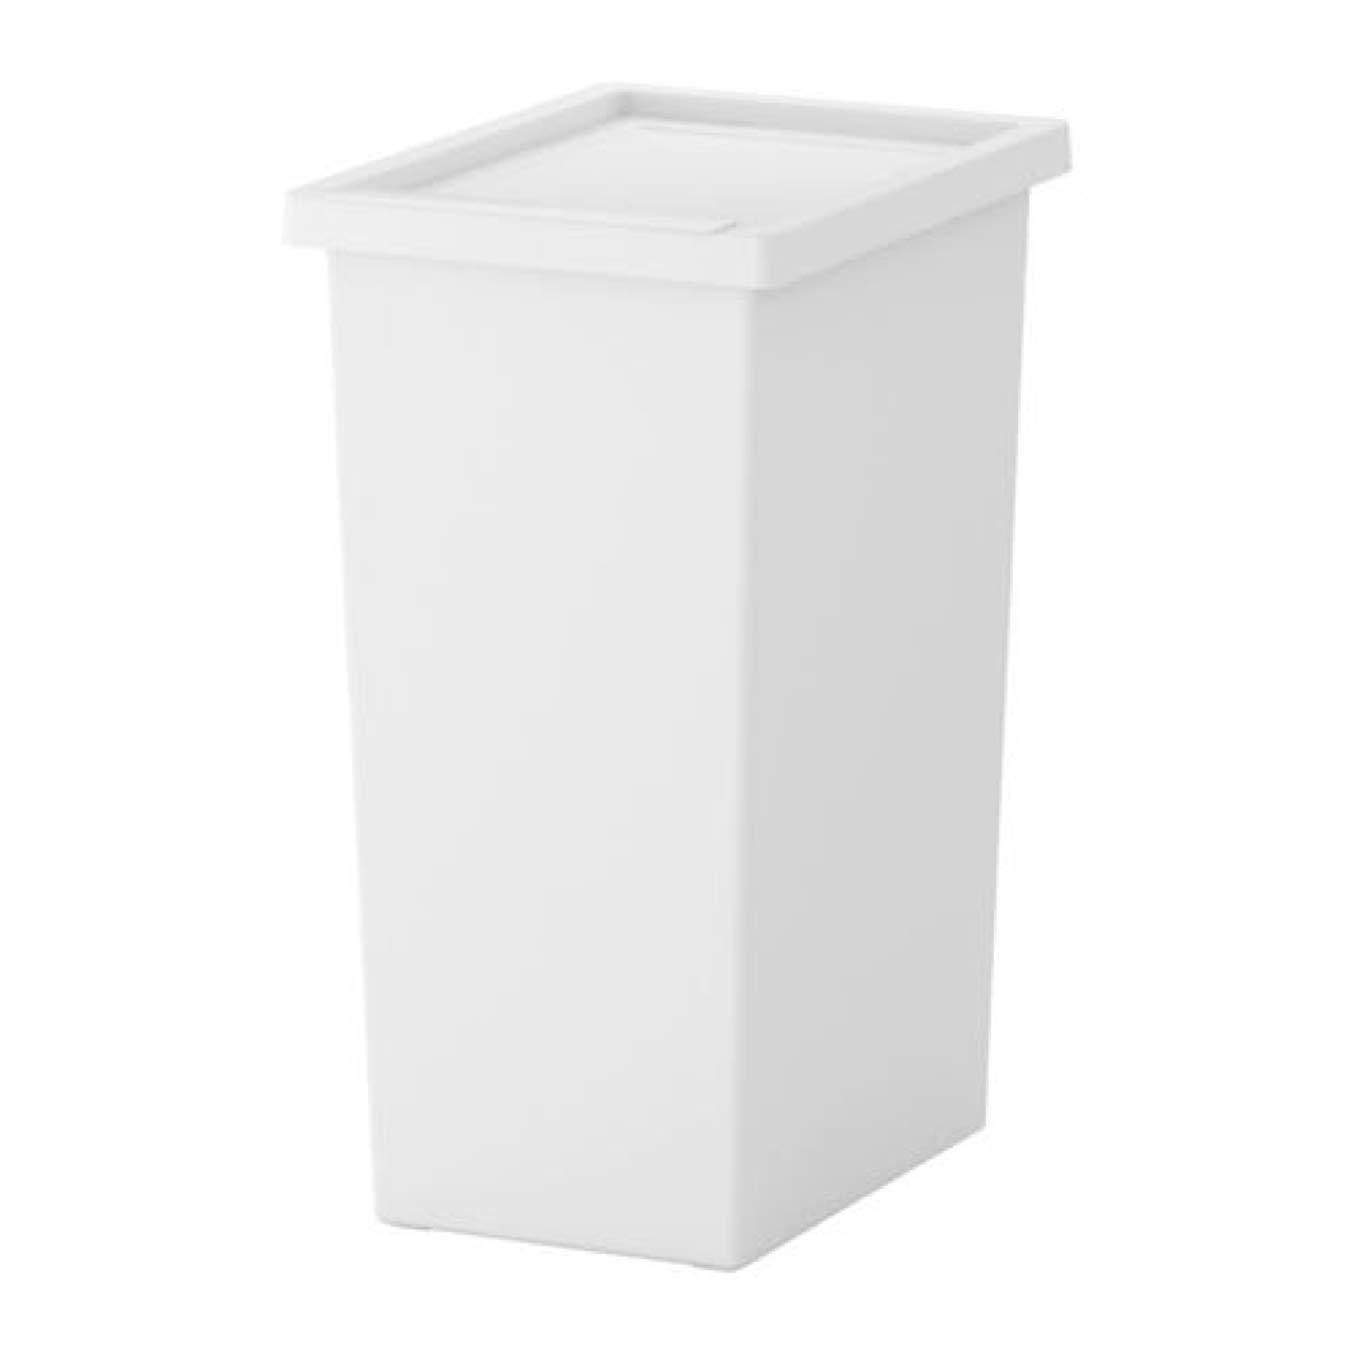 IKEA ふた付きフィルア容器 ホワイト 201.938.99 サイズ 11ガロン B07HFHKNYT